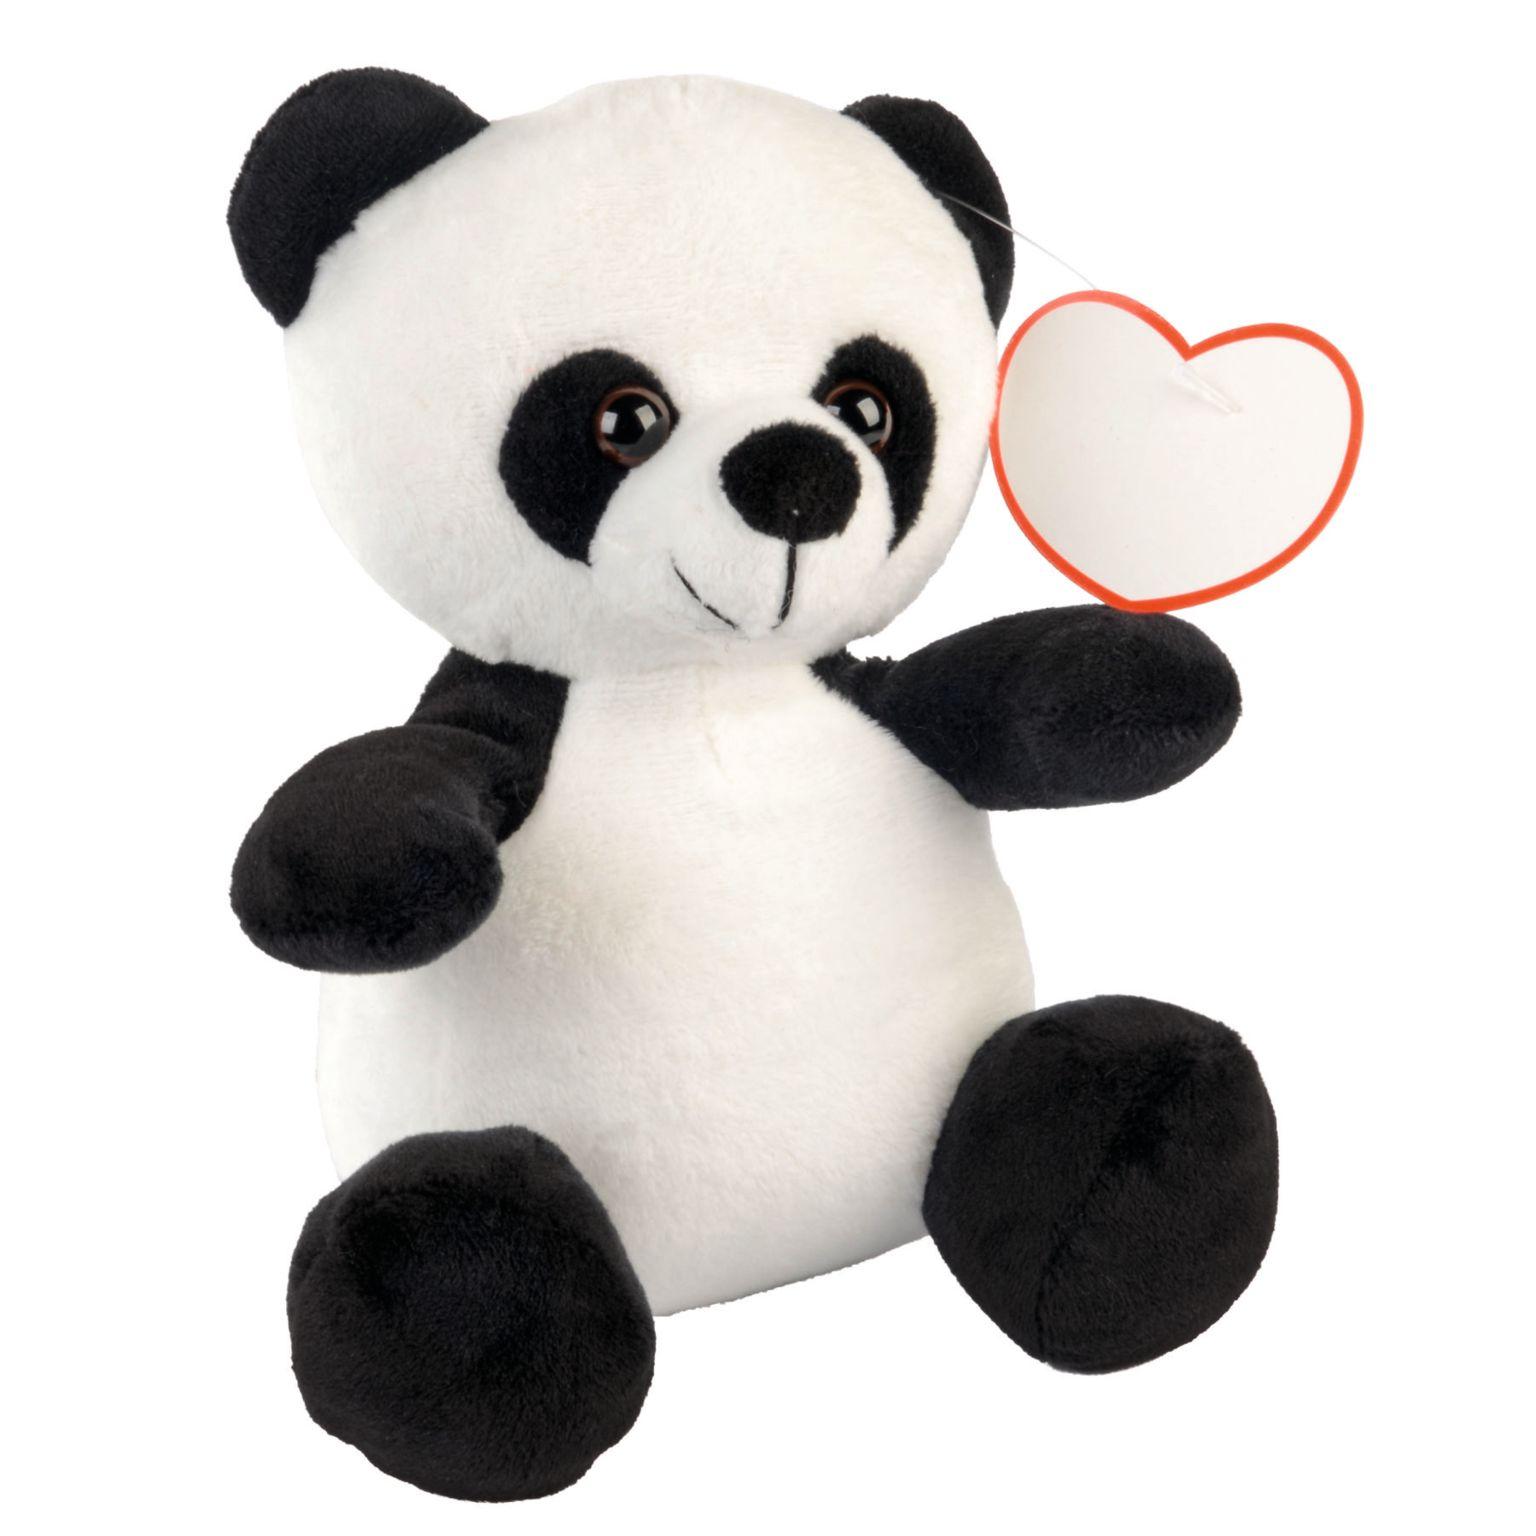 Plush panda ANTHONY